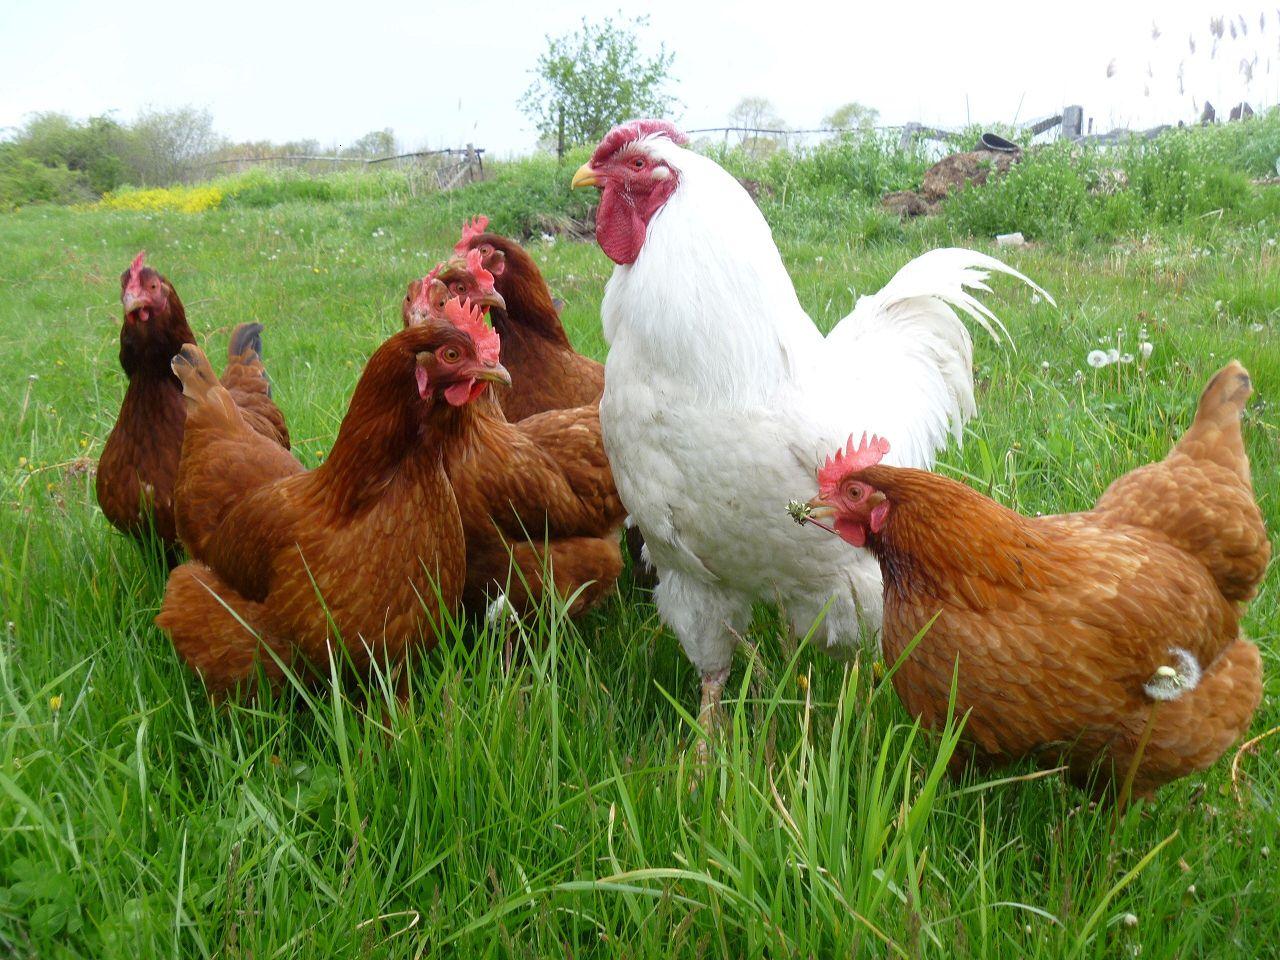 Редбро отличает спокойный характер, поэтому их можно содержать с другими птицами